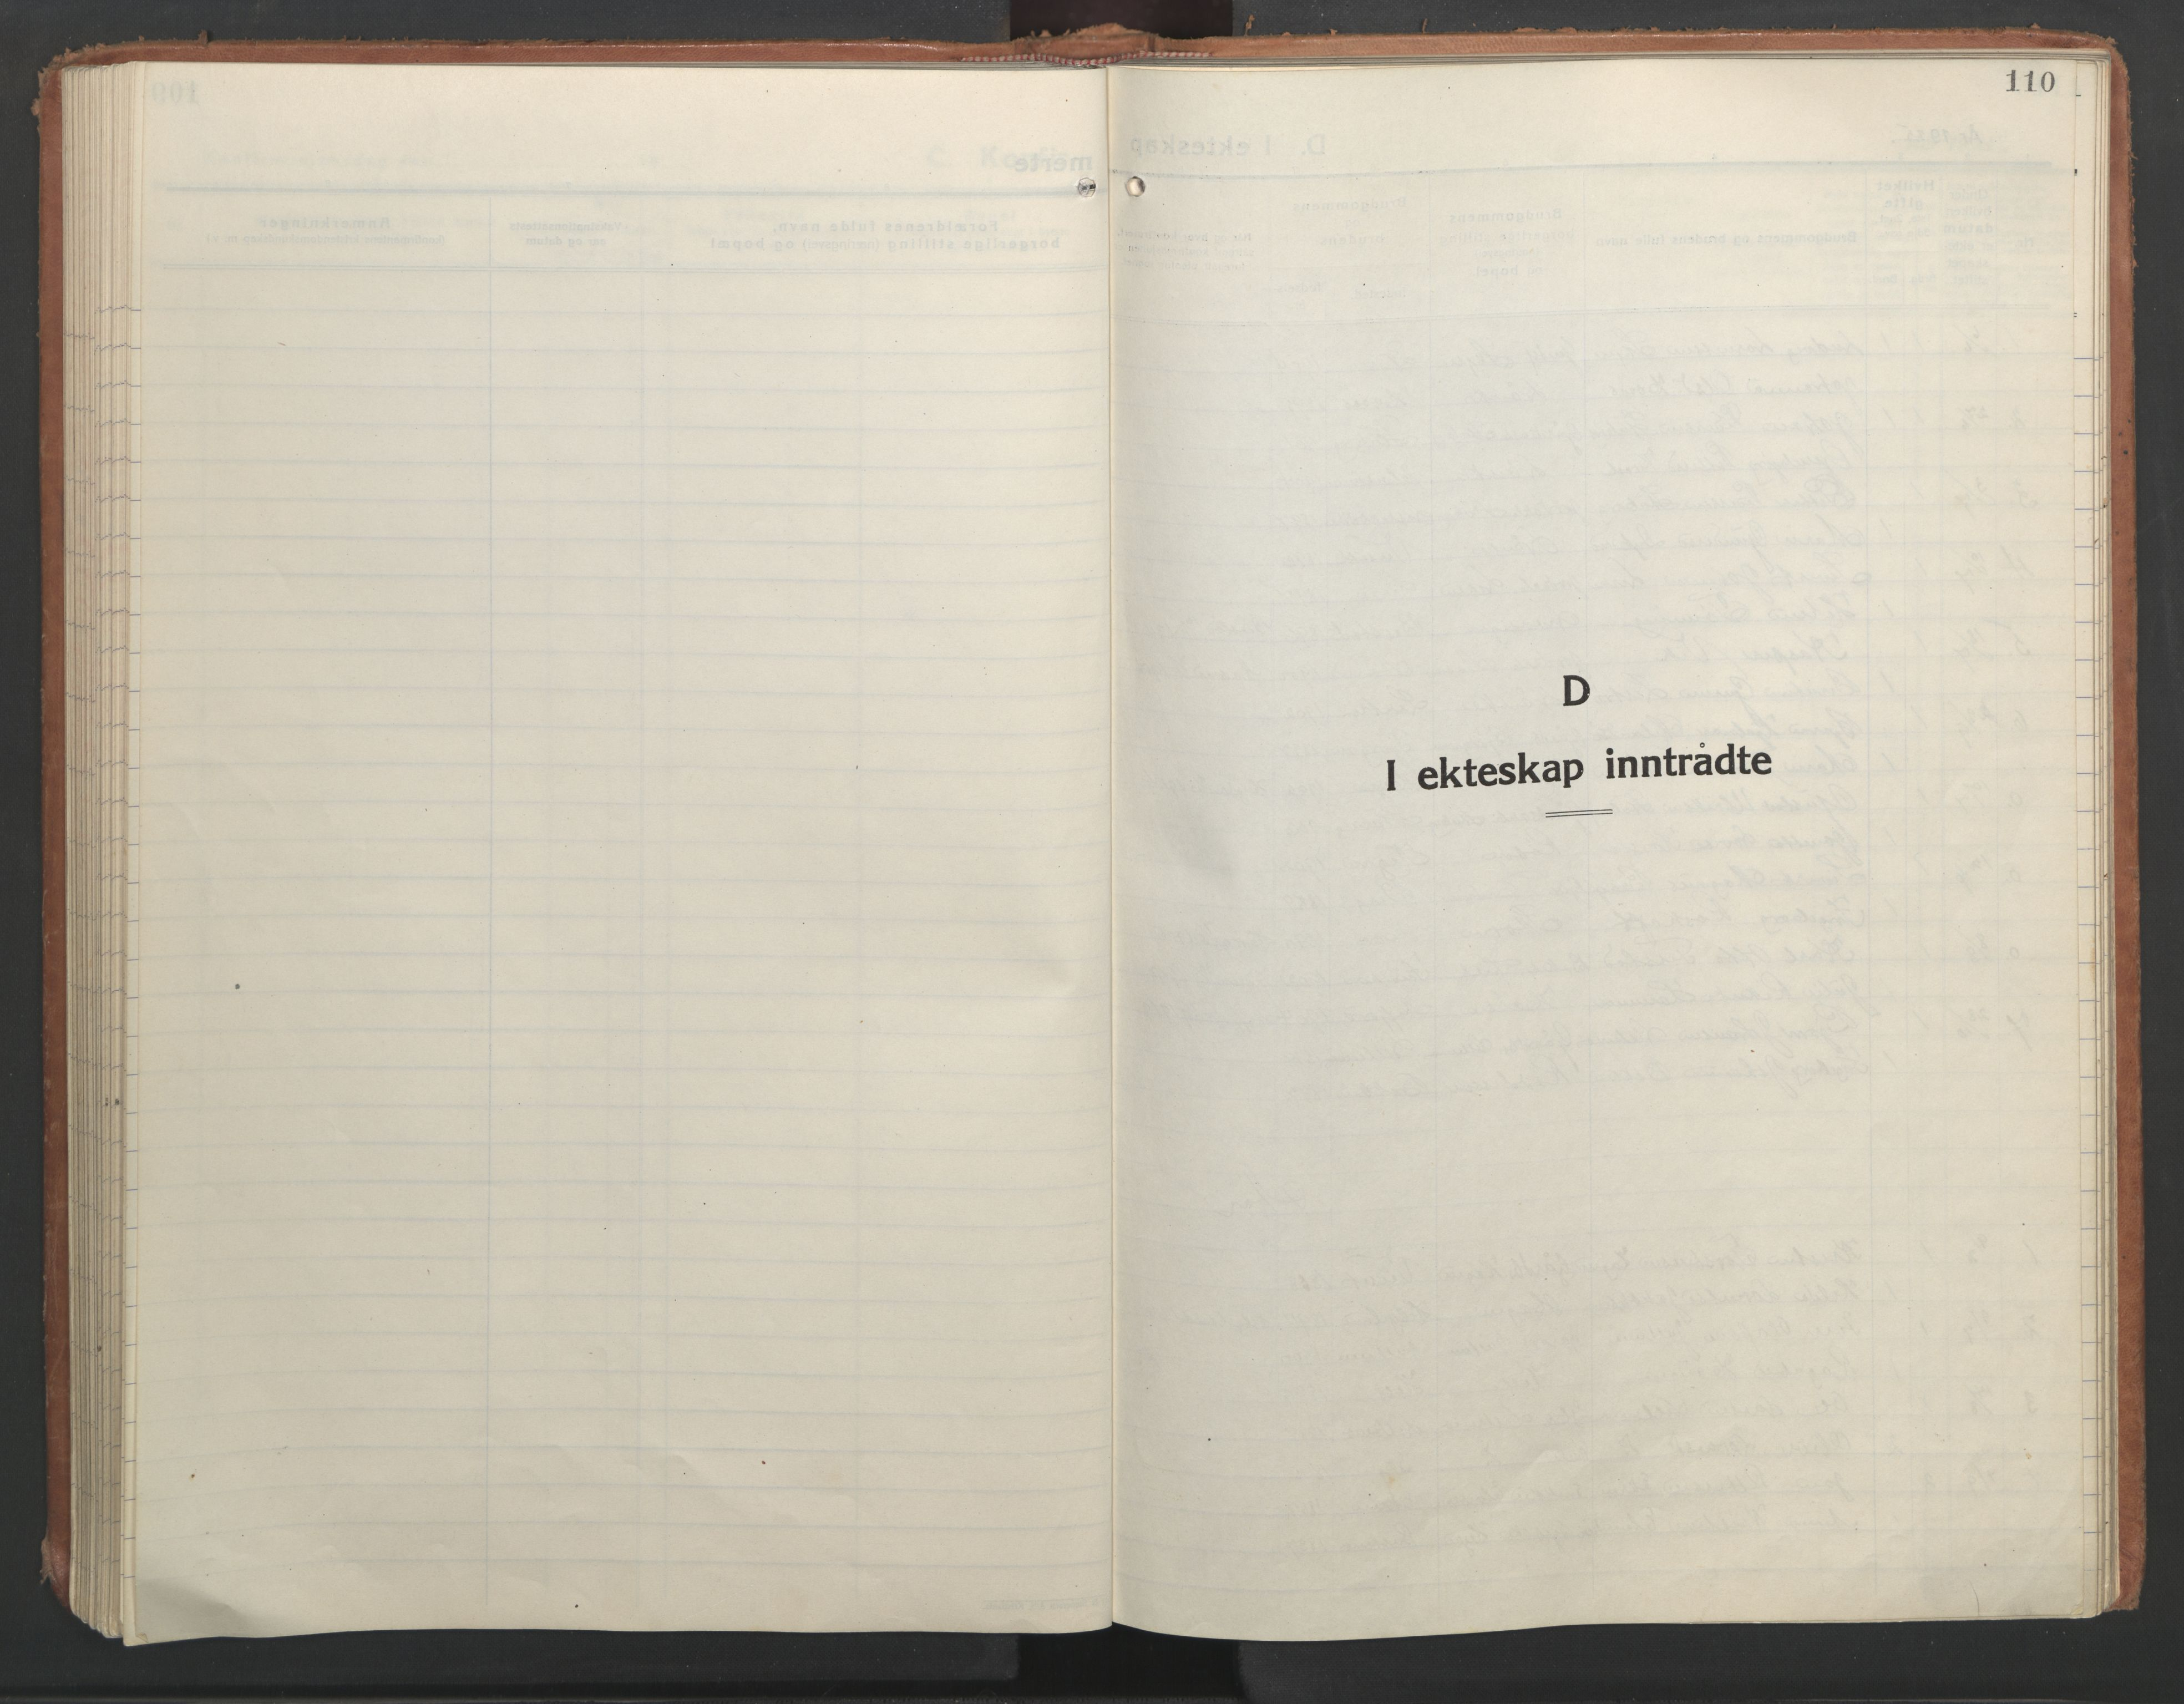 SAT, Ministerialprotokoller, klokkerbøker og fødselsregistre - Nord-Trøndelag, 710/L0097: Klokkerbok nr. 710C02, 1925-1955, s. 110